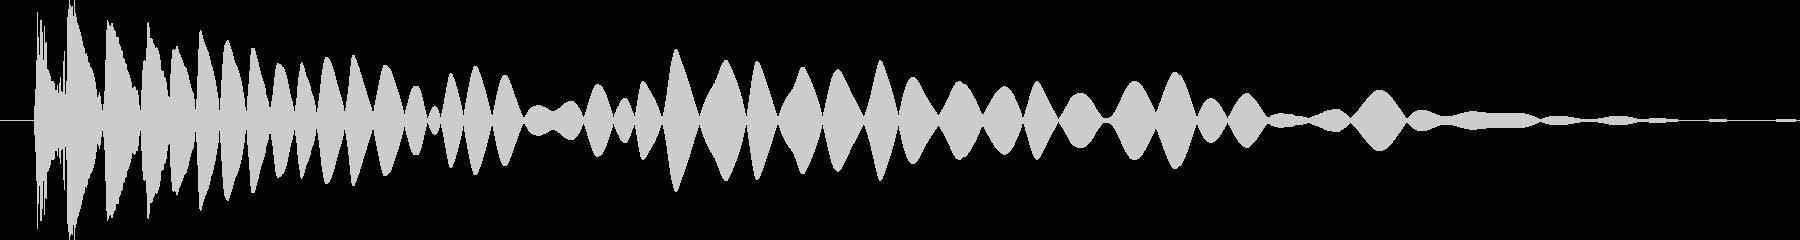 中空プラスチックの衝撃プラスチック...の未再生の波形